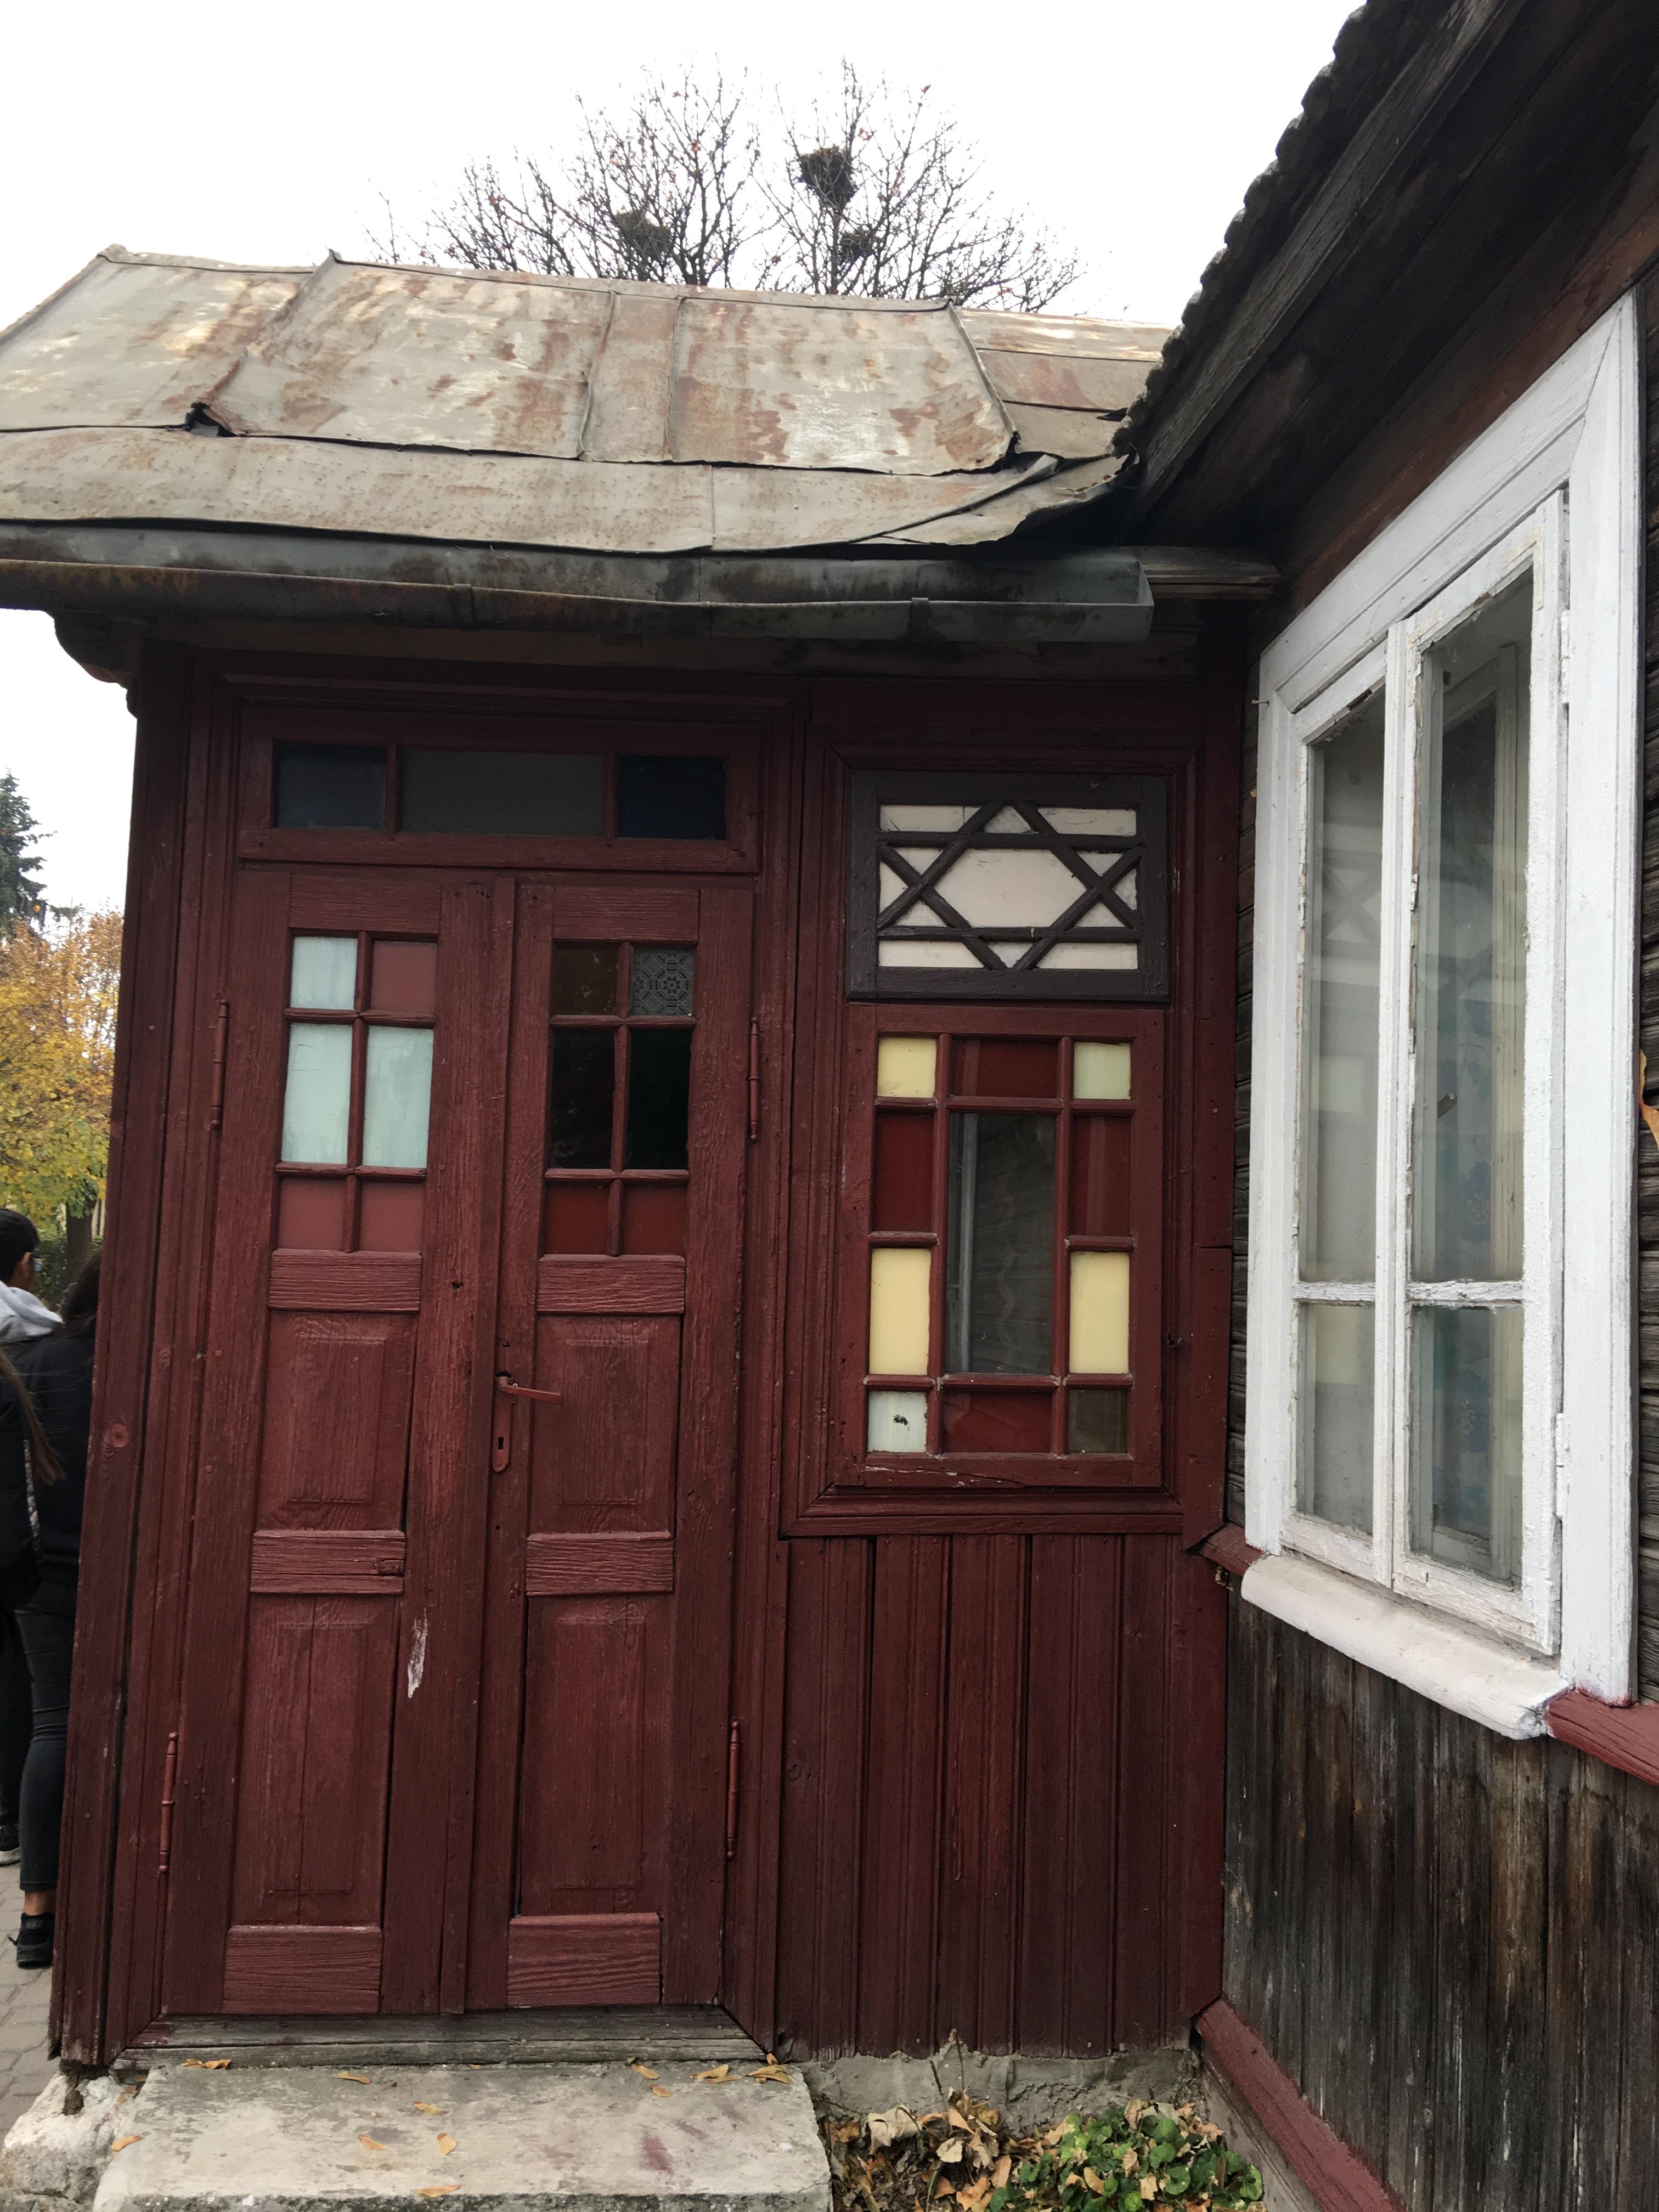 בית הכנסת הקטן והחדר